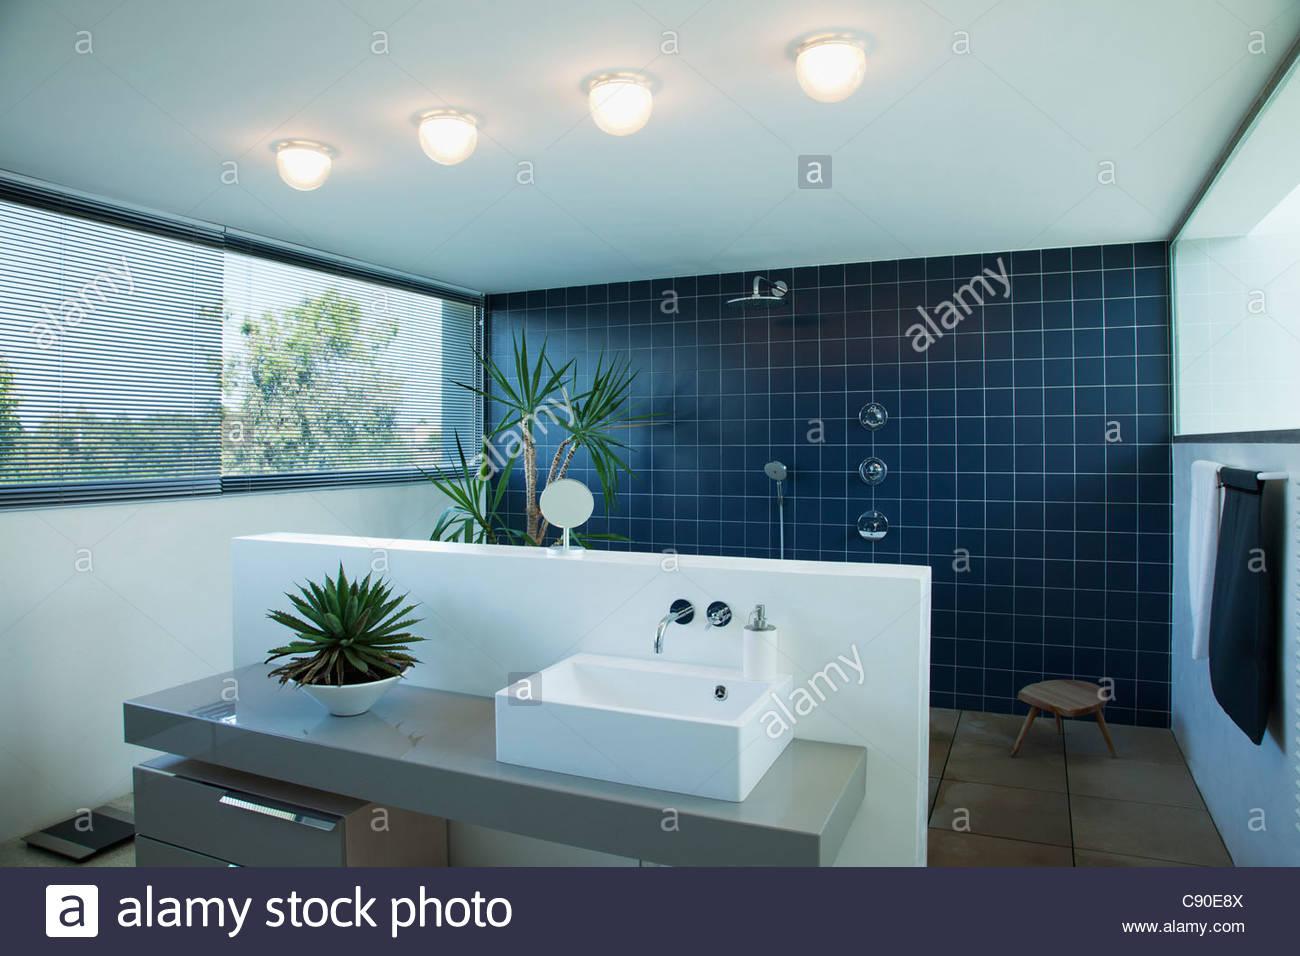 Geflieste Dusche geflieste dusche im modernen badezimmer stockfoto, bild: 39963866